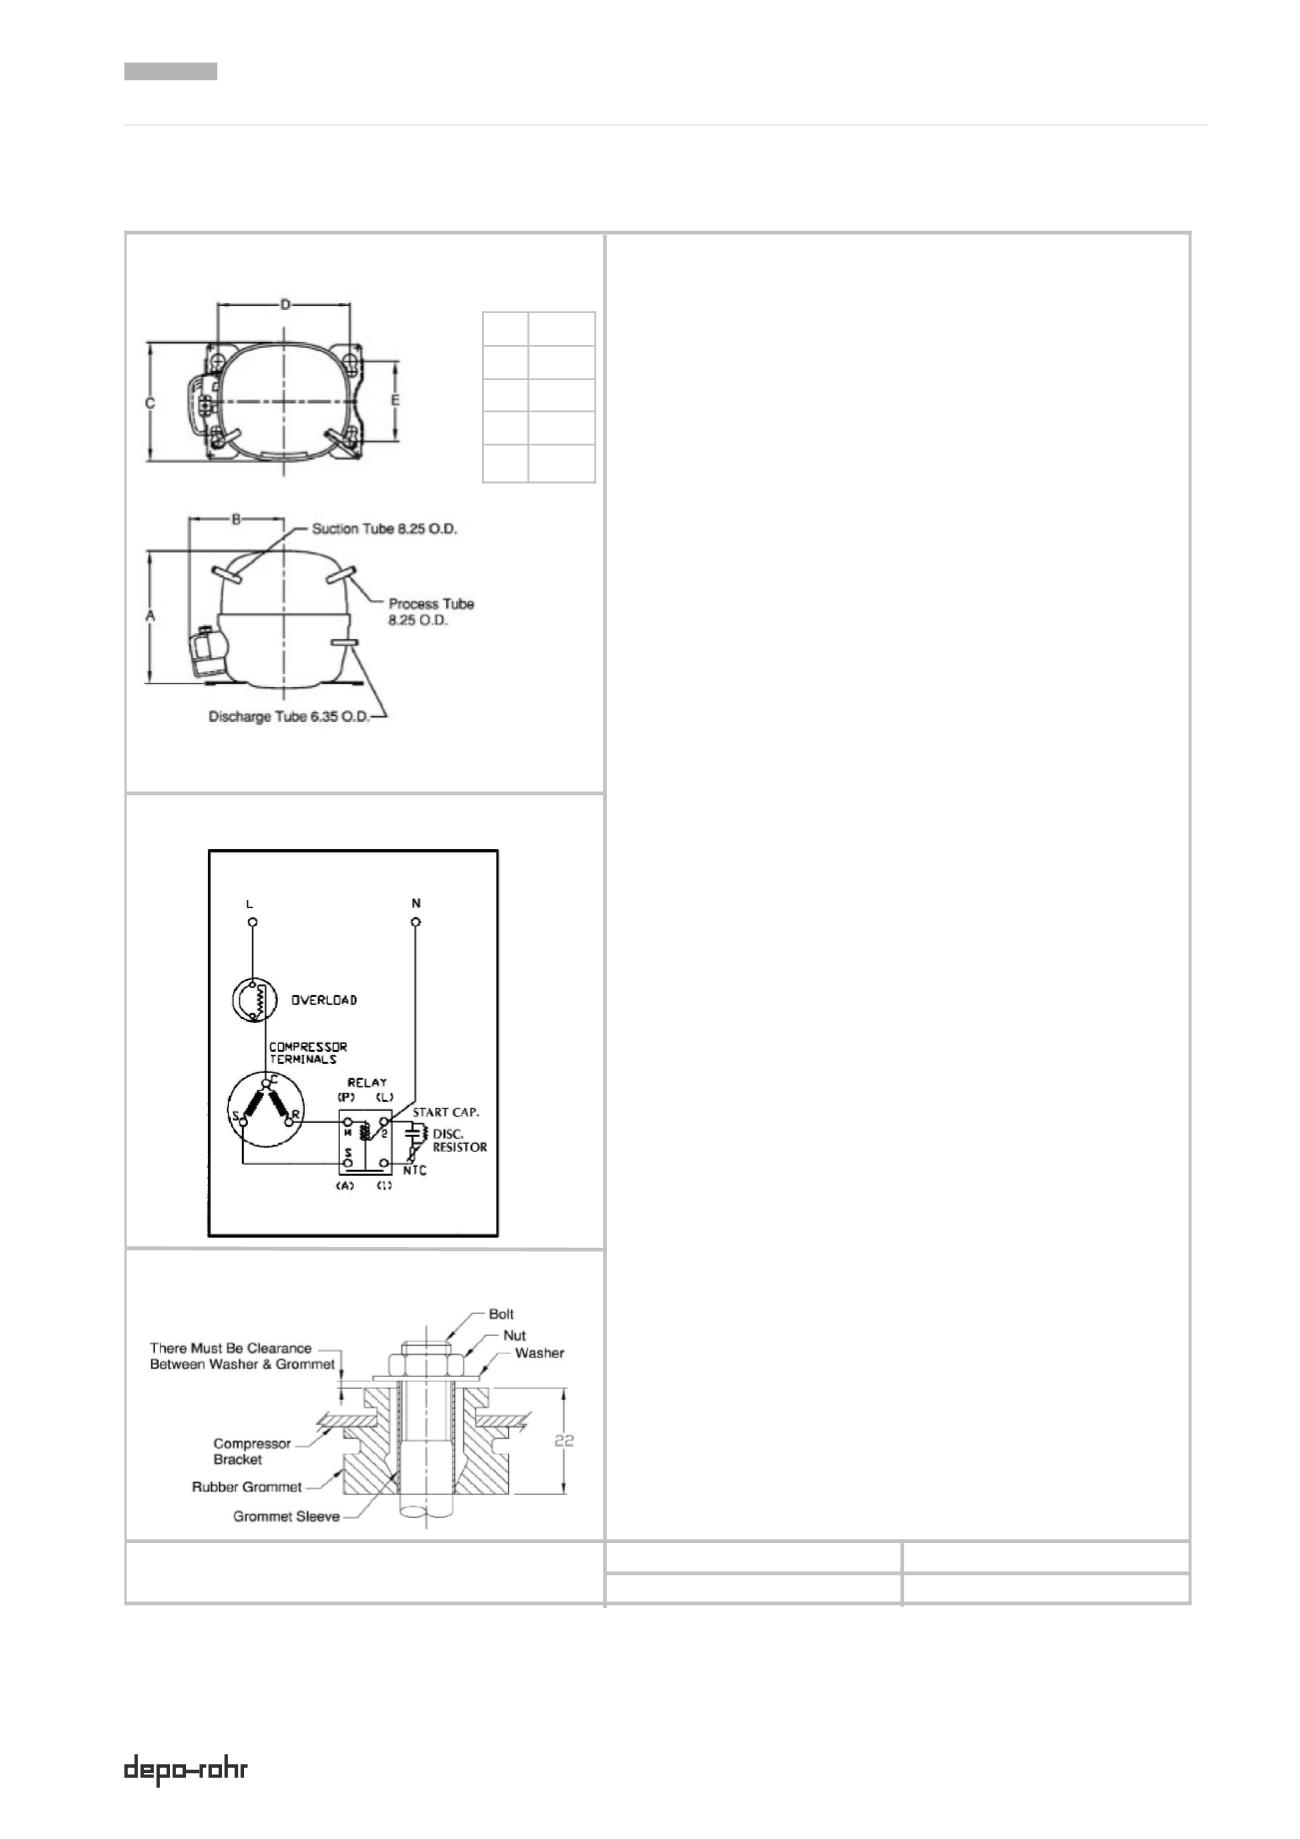 Lieferprogramm Kulthorn Compressor Wiring Diagram on